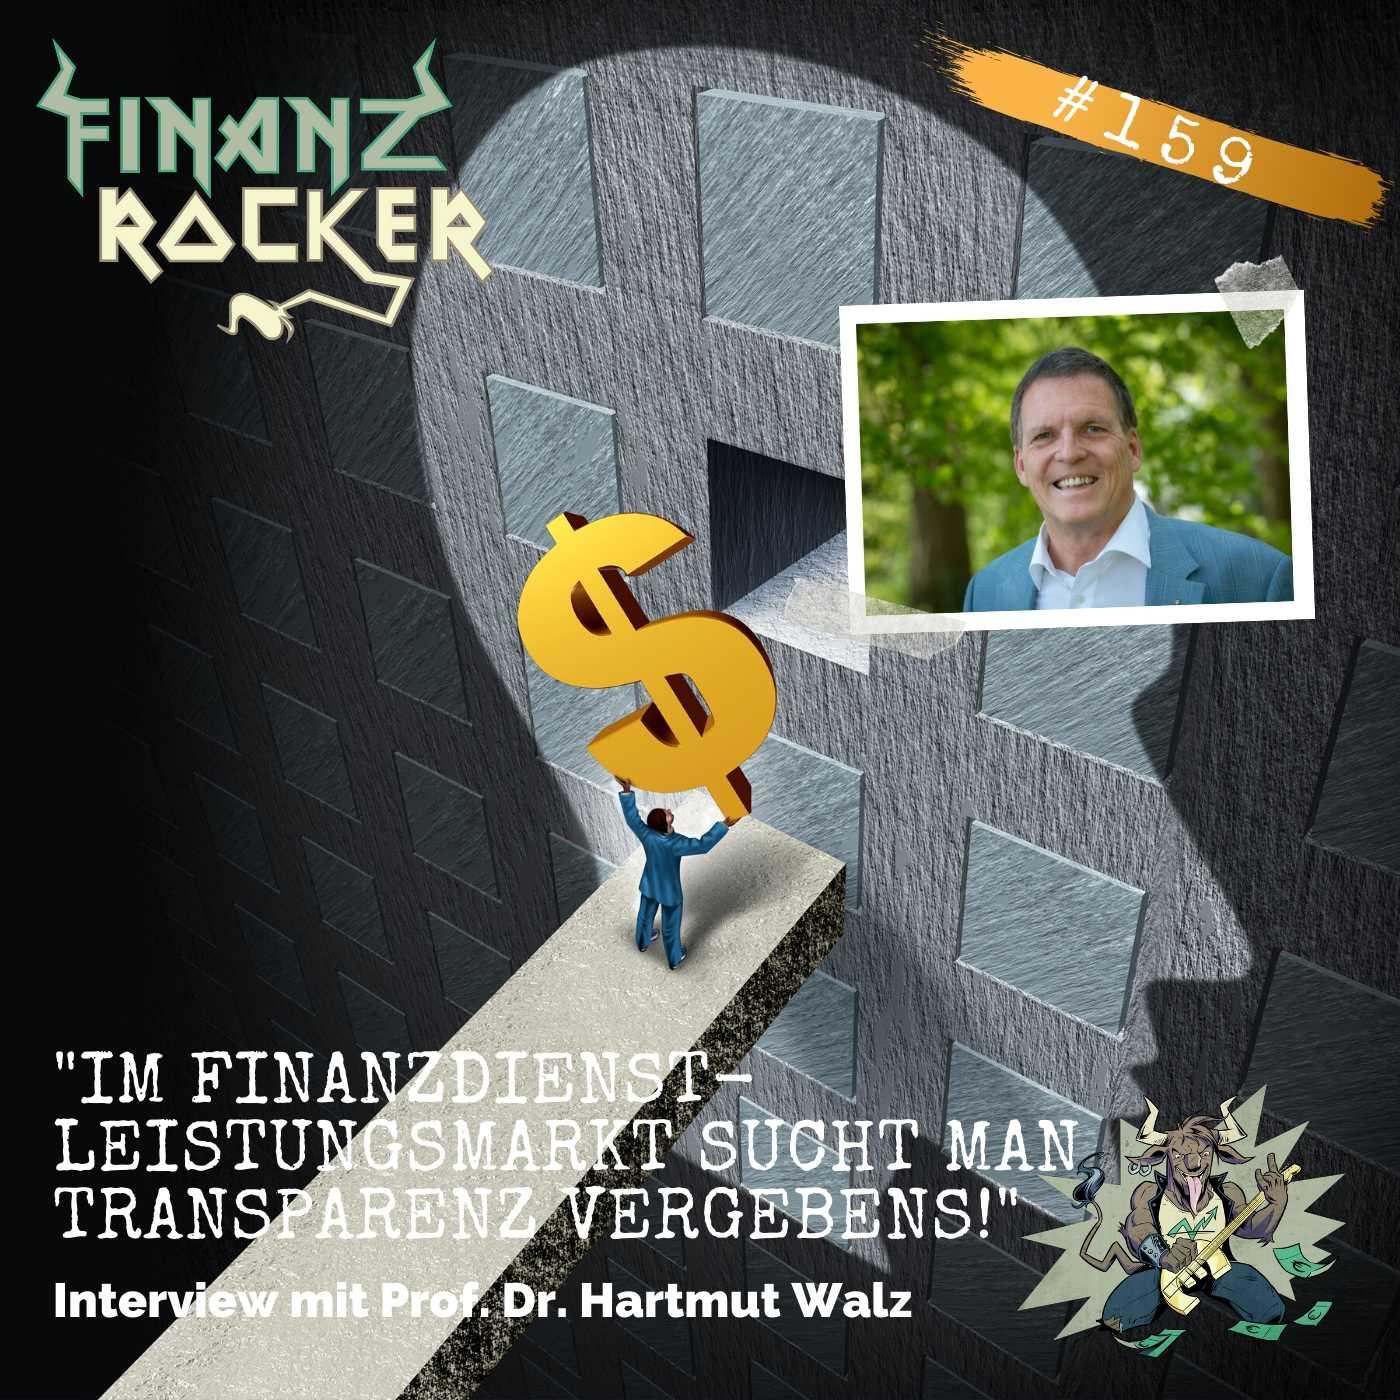 """Folge 159: """"Im Finanzdienstleistungsmarkt sucht man Transparenz vergebens"""" - Interview mit Professor Dr. Hartmut Walz"""